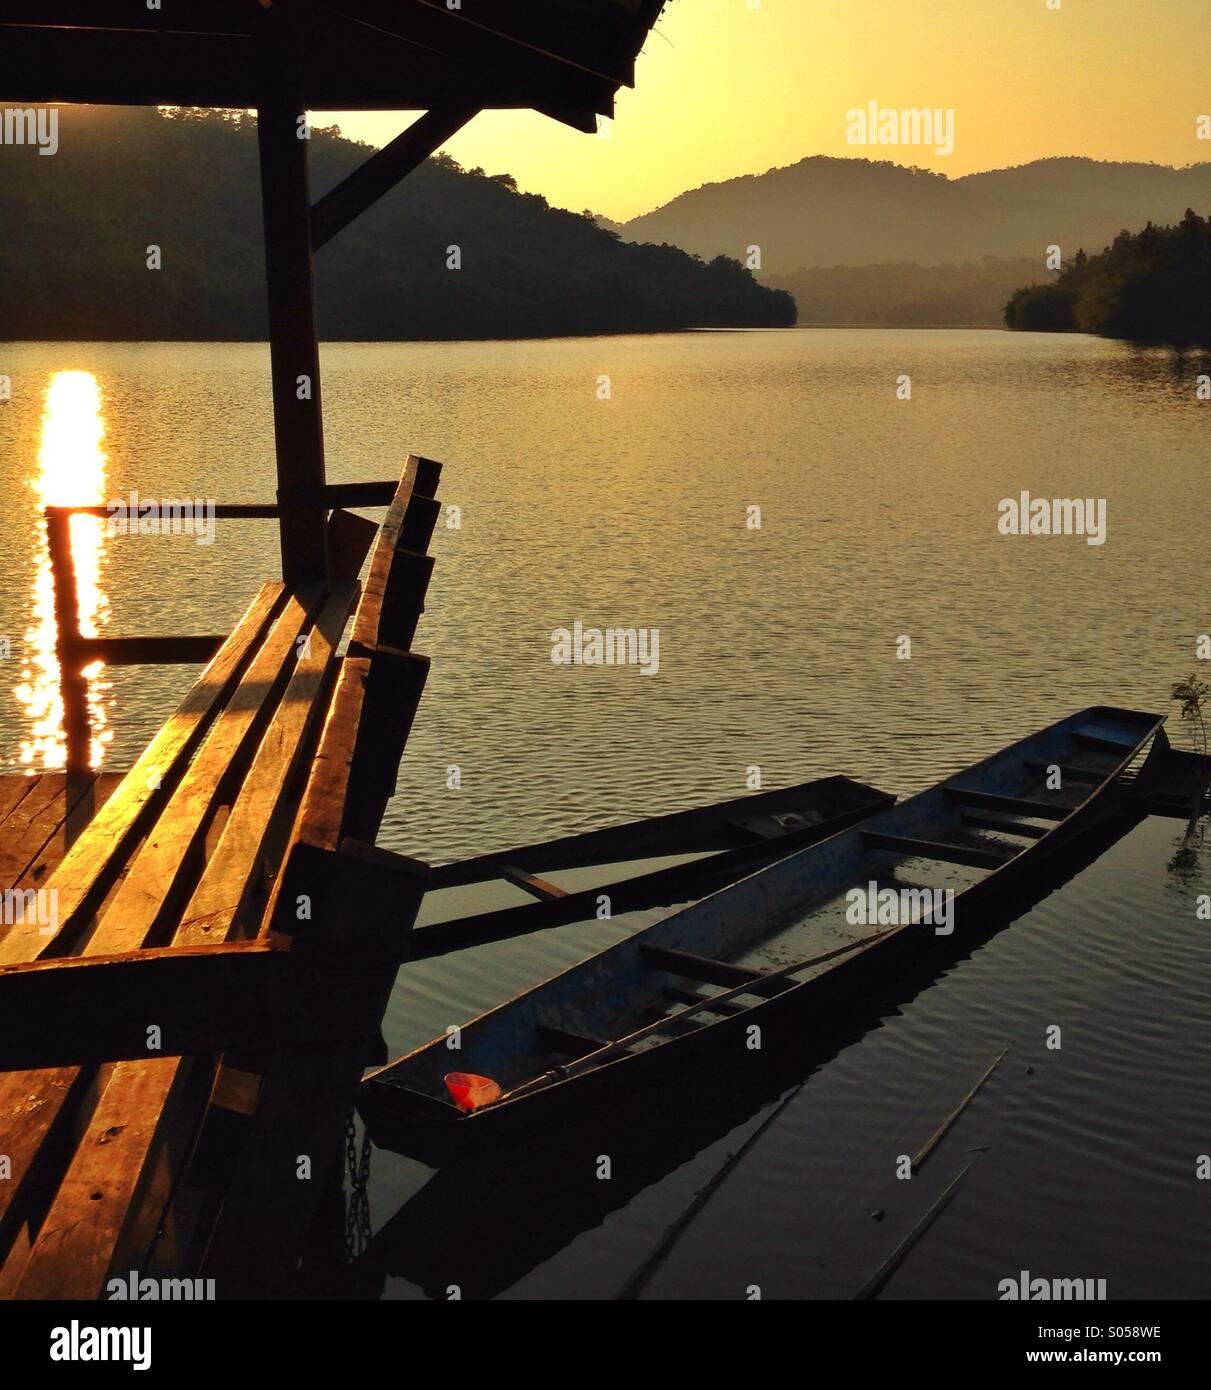 Fishing canoe Thailand - Stock Image